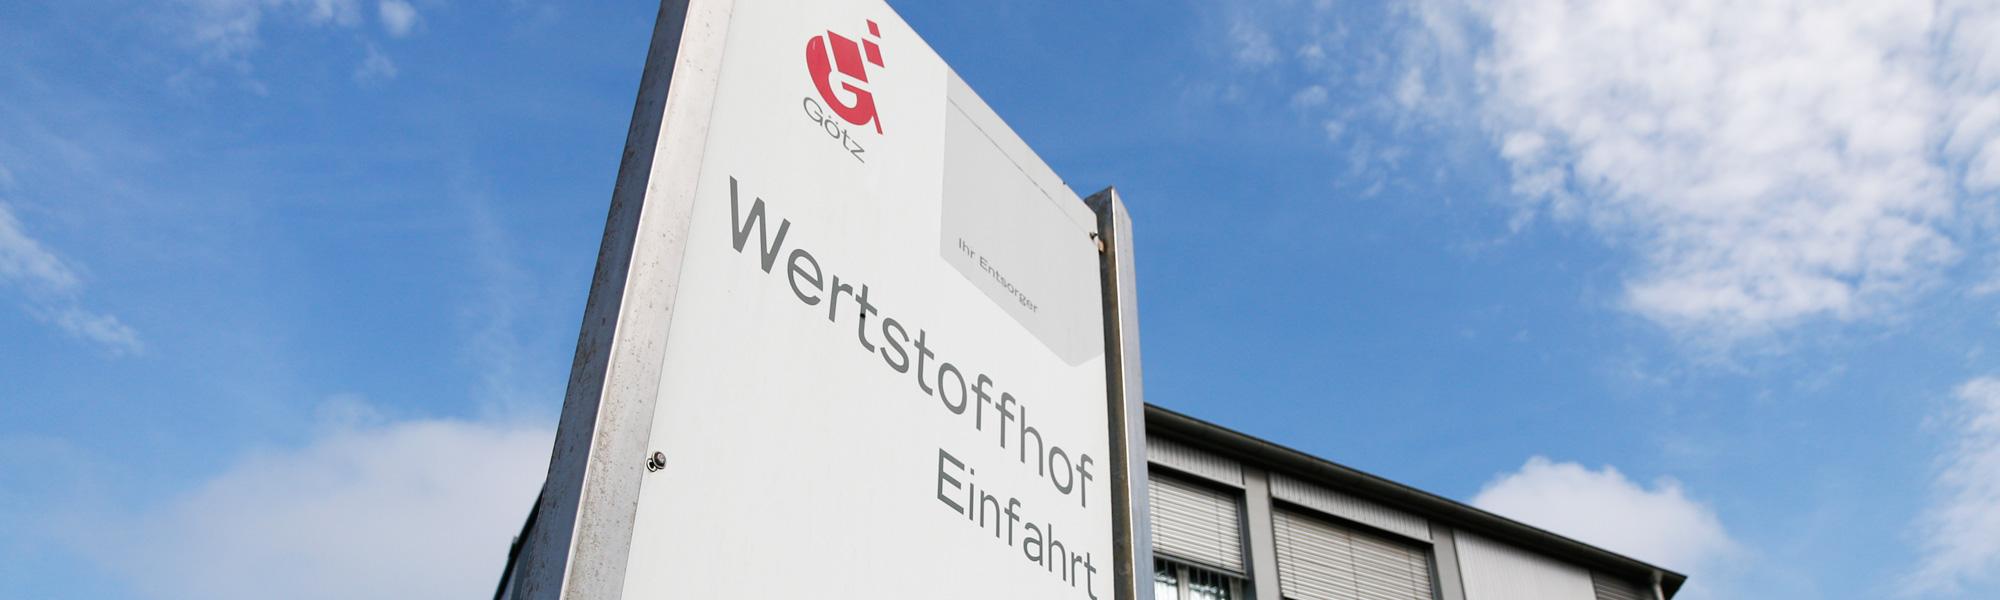 Einfahrt des Wertstoffhofes der Götz GmbH